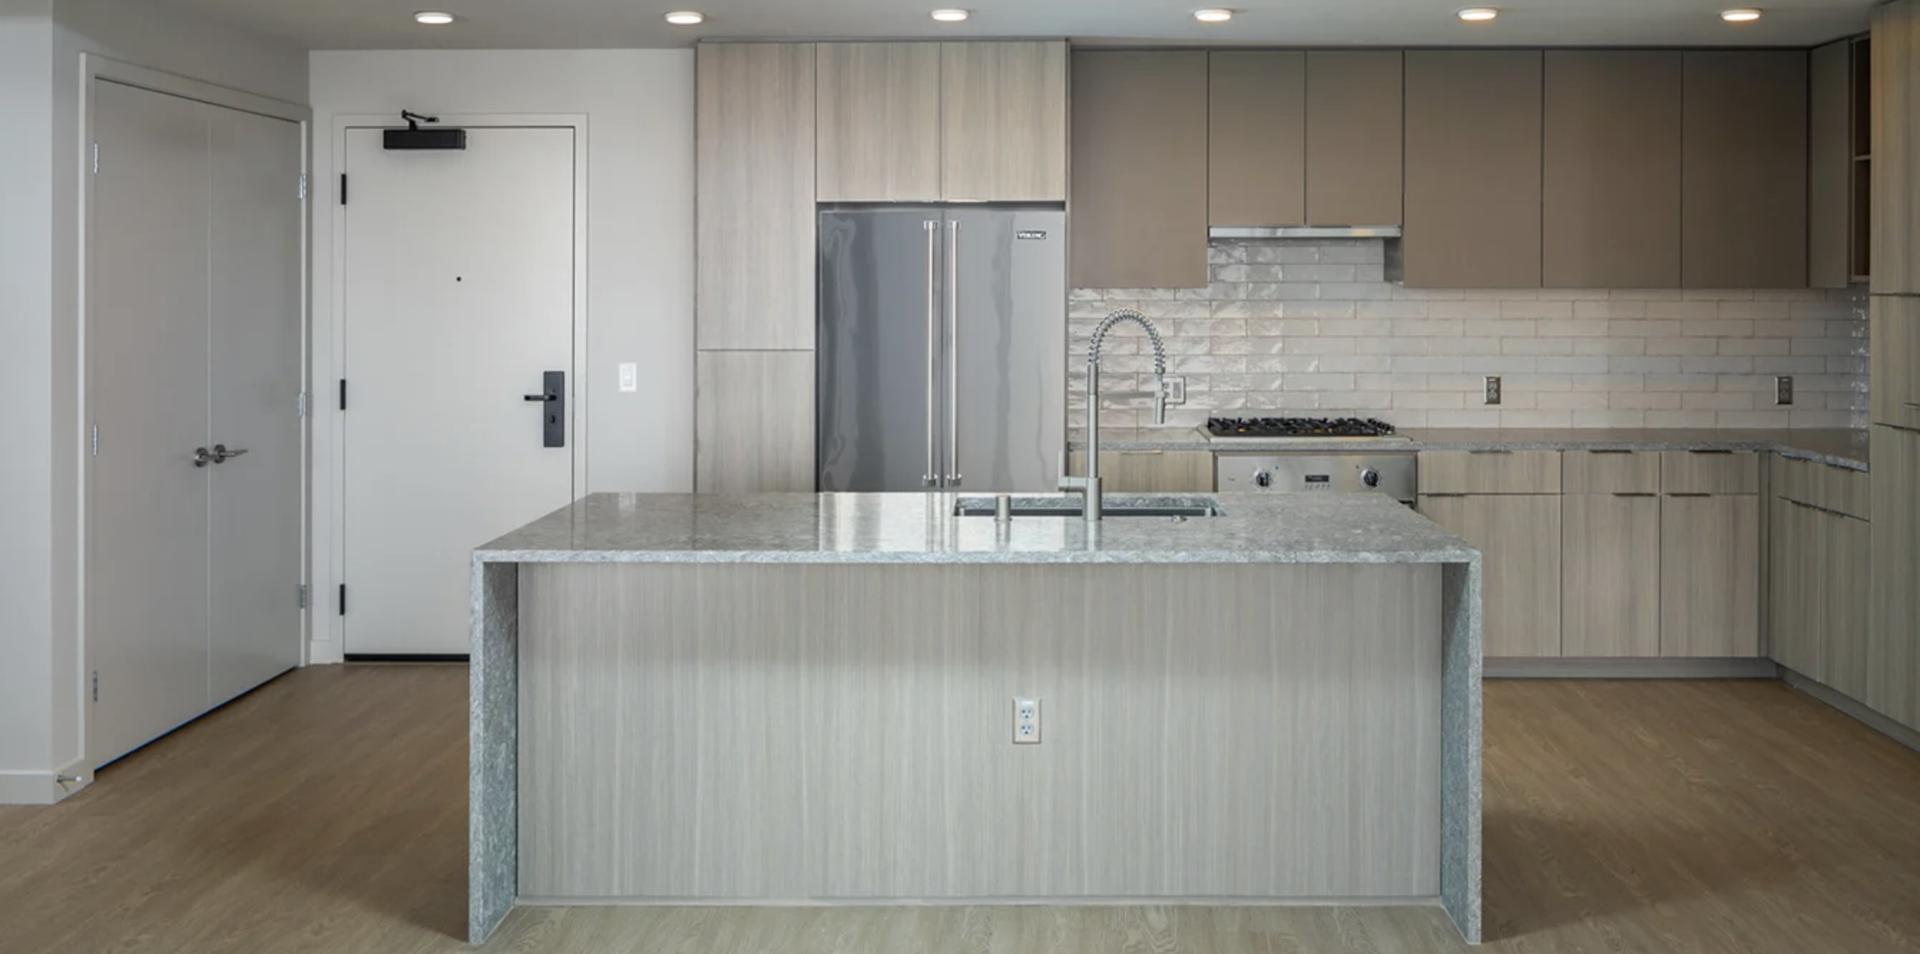 601 11th Avenue #1004, San Diego, CA - $3,770 USD/ month